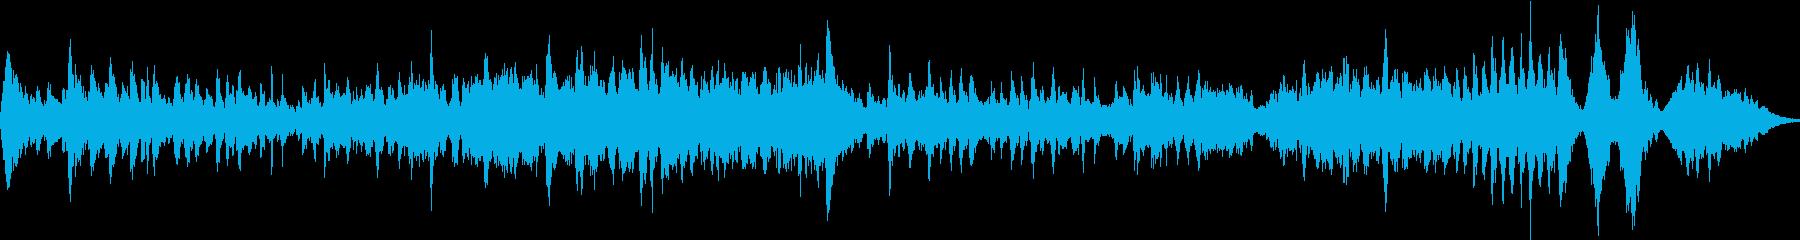 クラシック 楽しげ adverti...の再生済みの波形